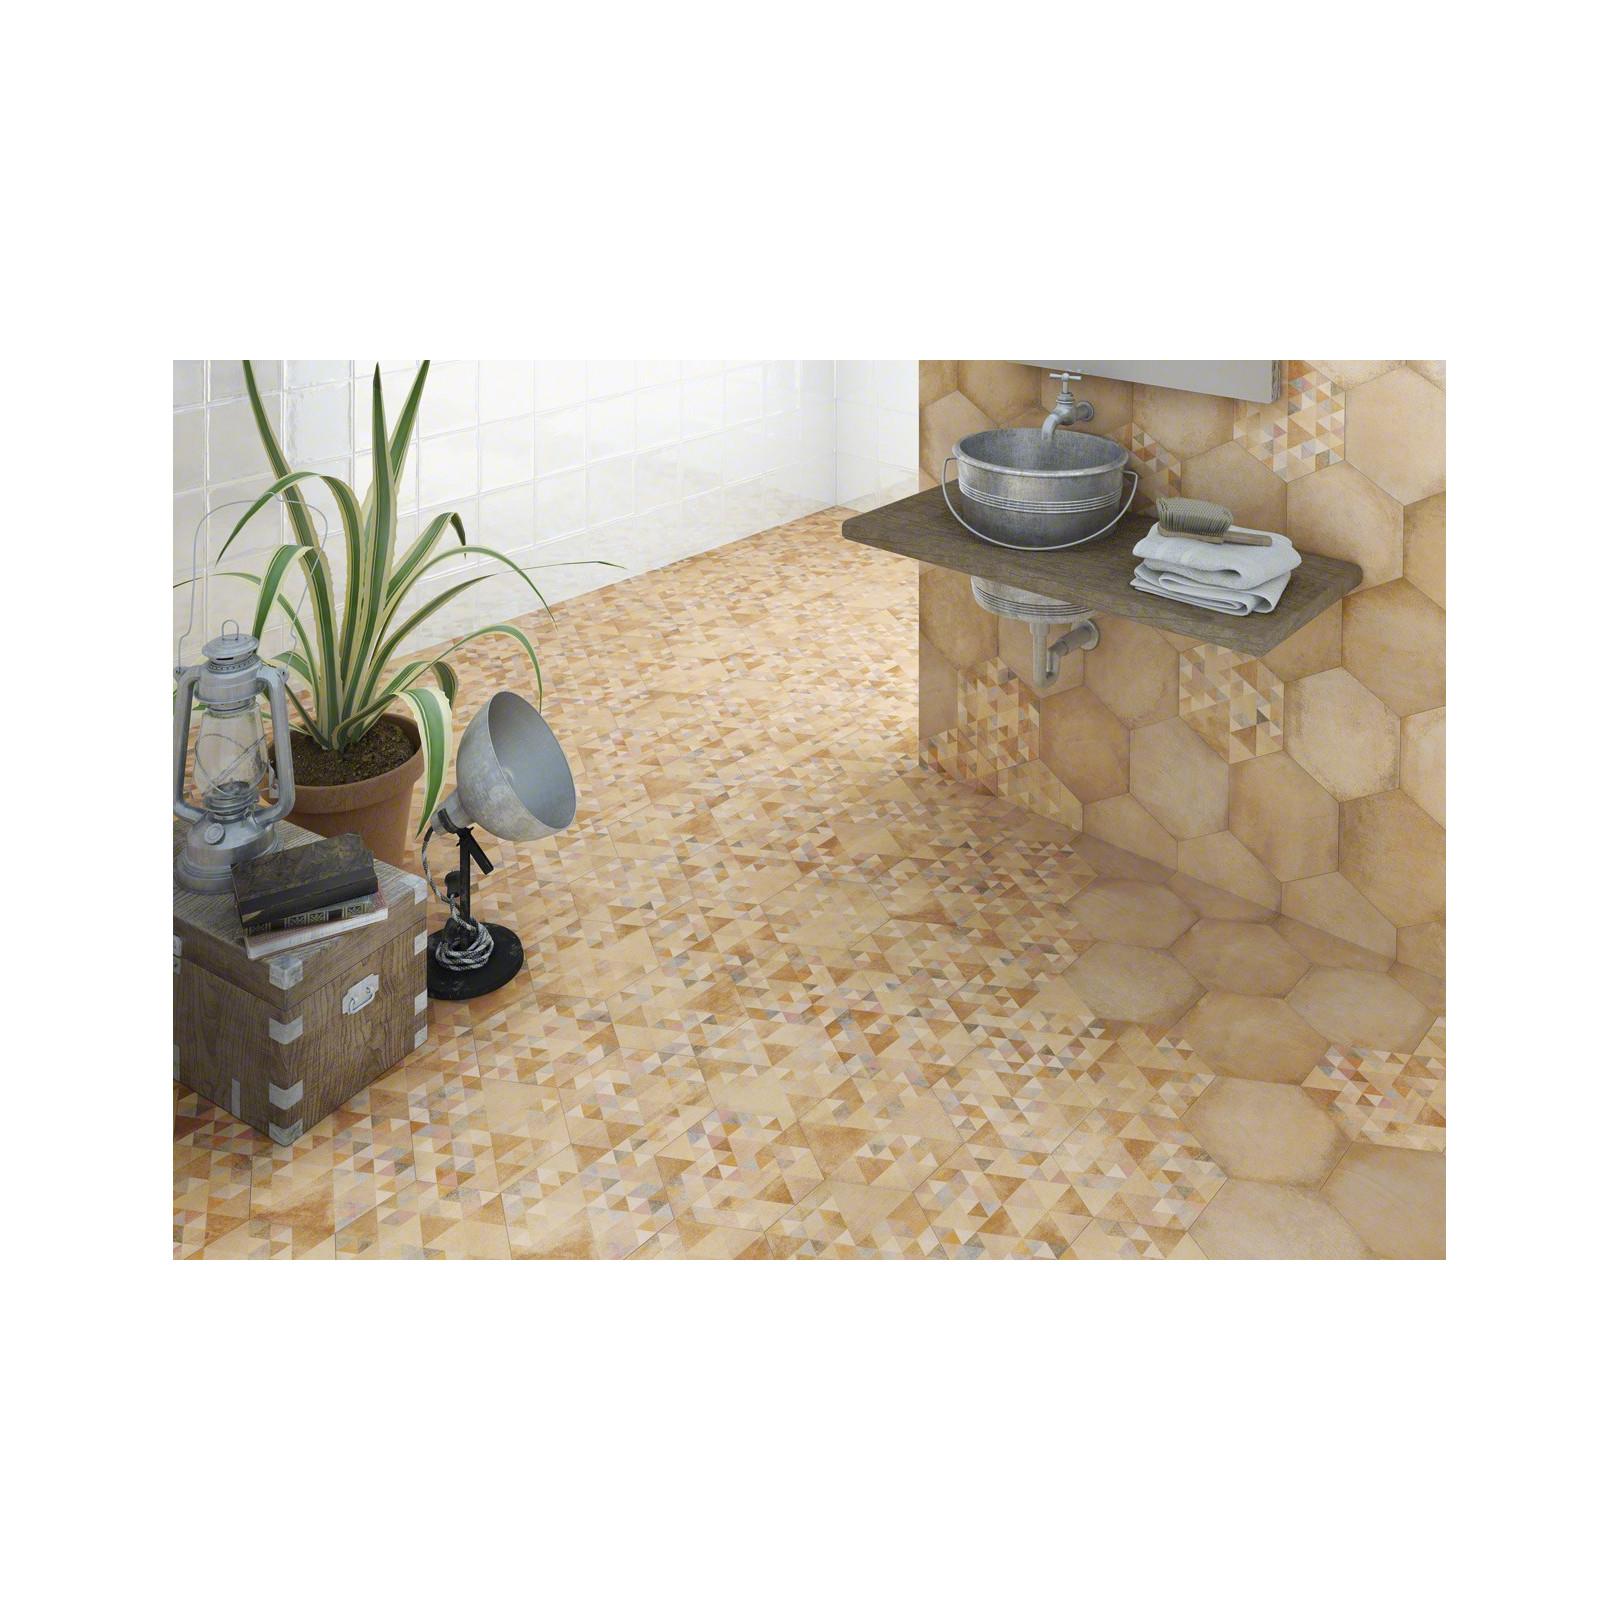 Carrelage grès cérame effet chaux Laverton Hexagono Bampton et Benenden (6 couleurs et 1 décor)